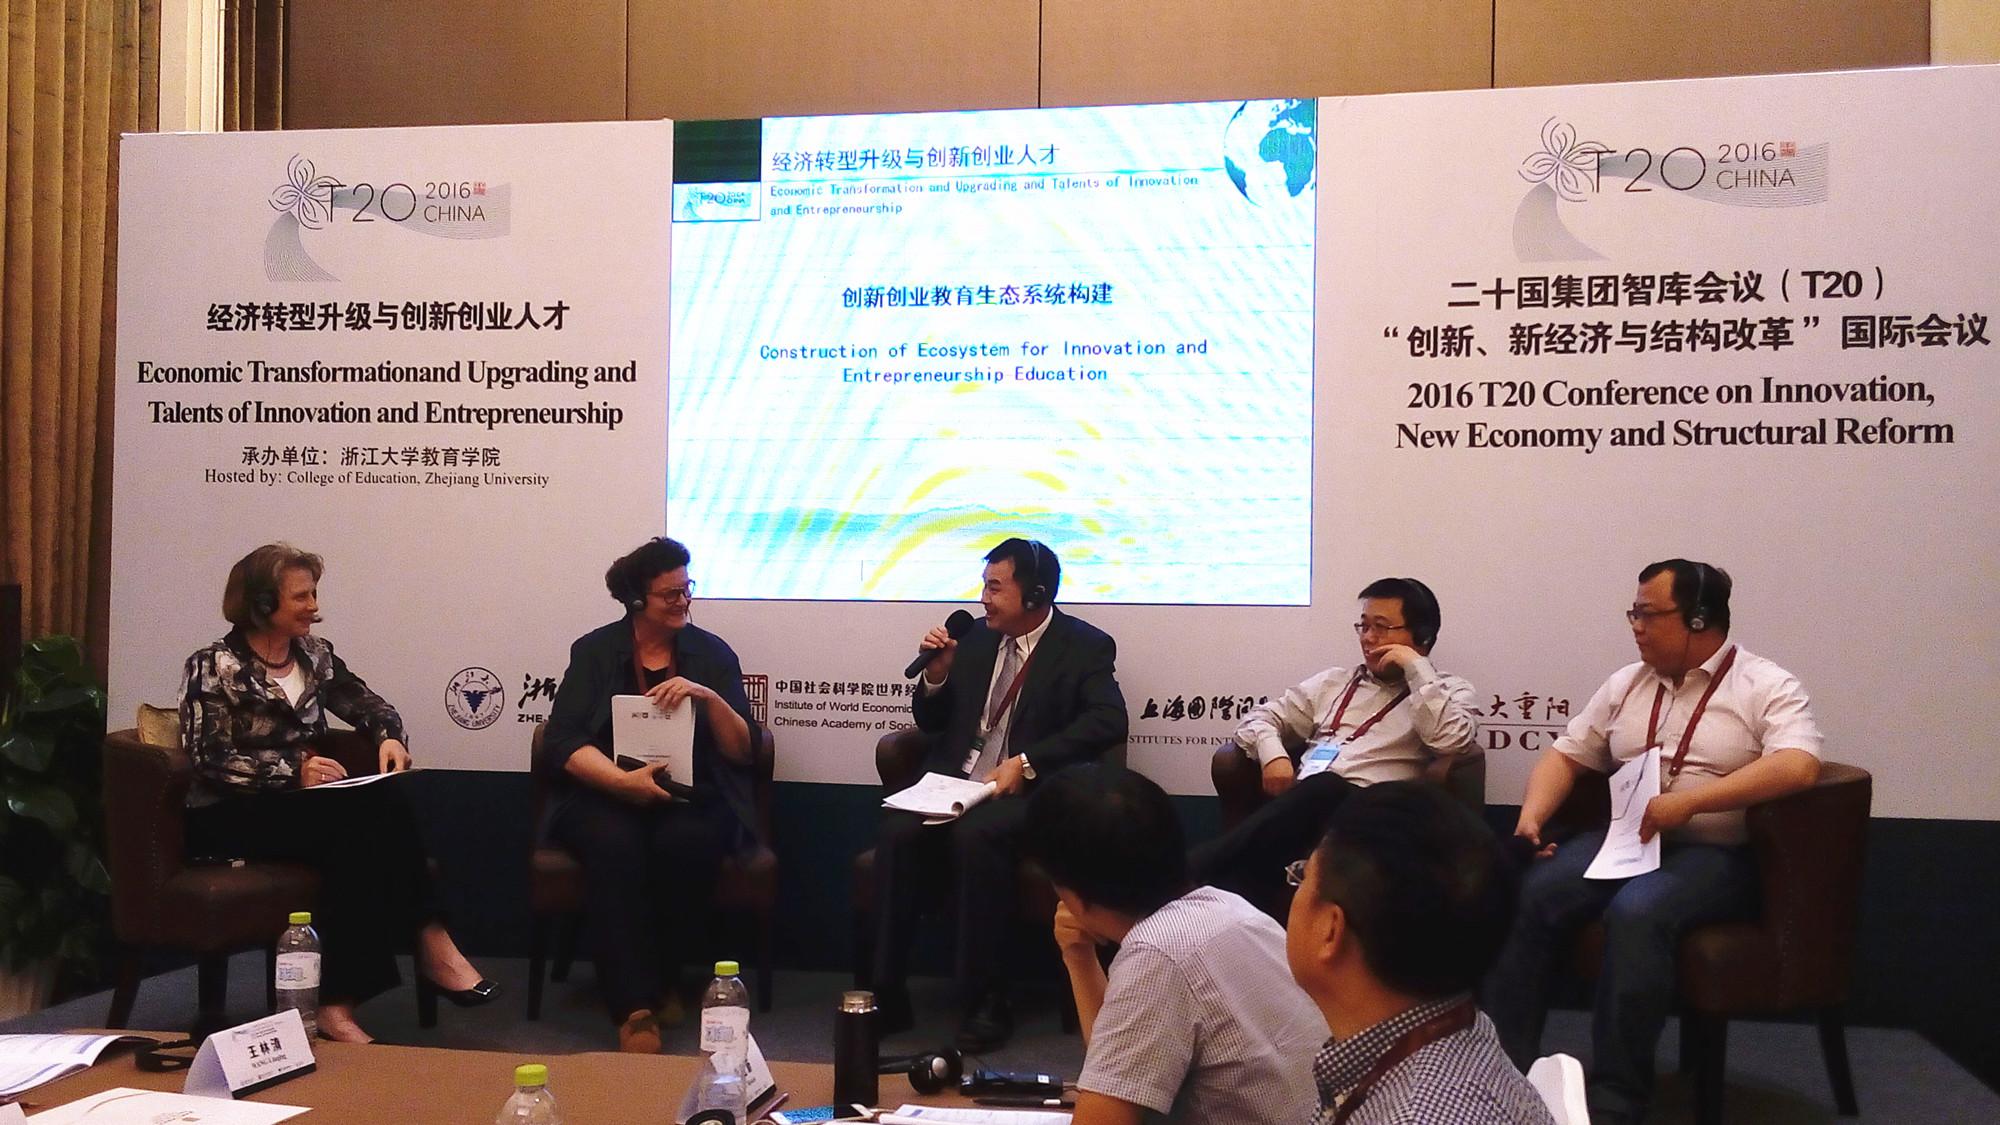 刁振强副书记在T20国际会议上主持创新创业生态系统构建互动讨论